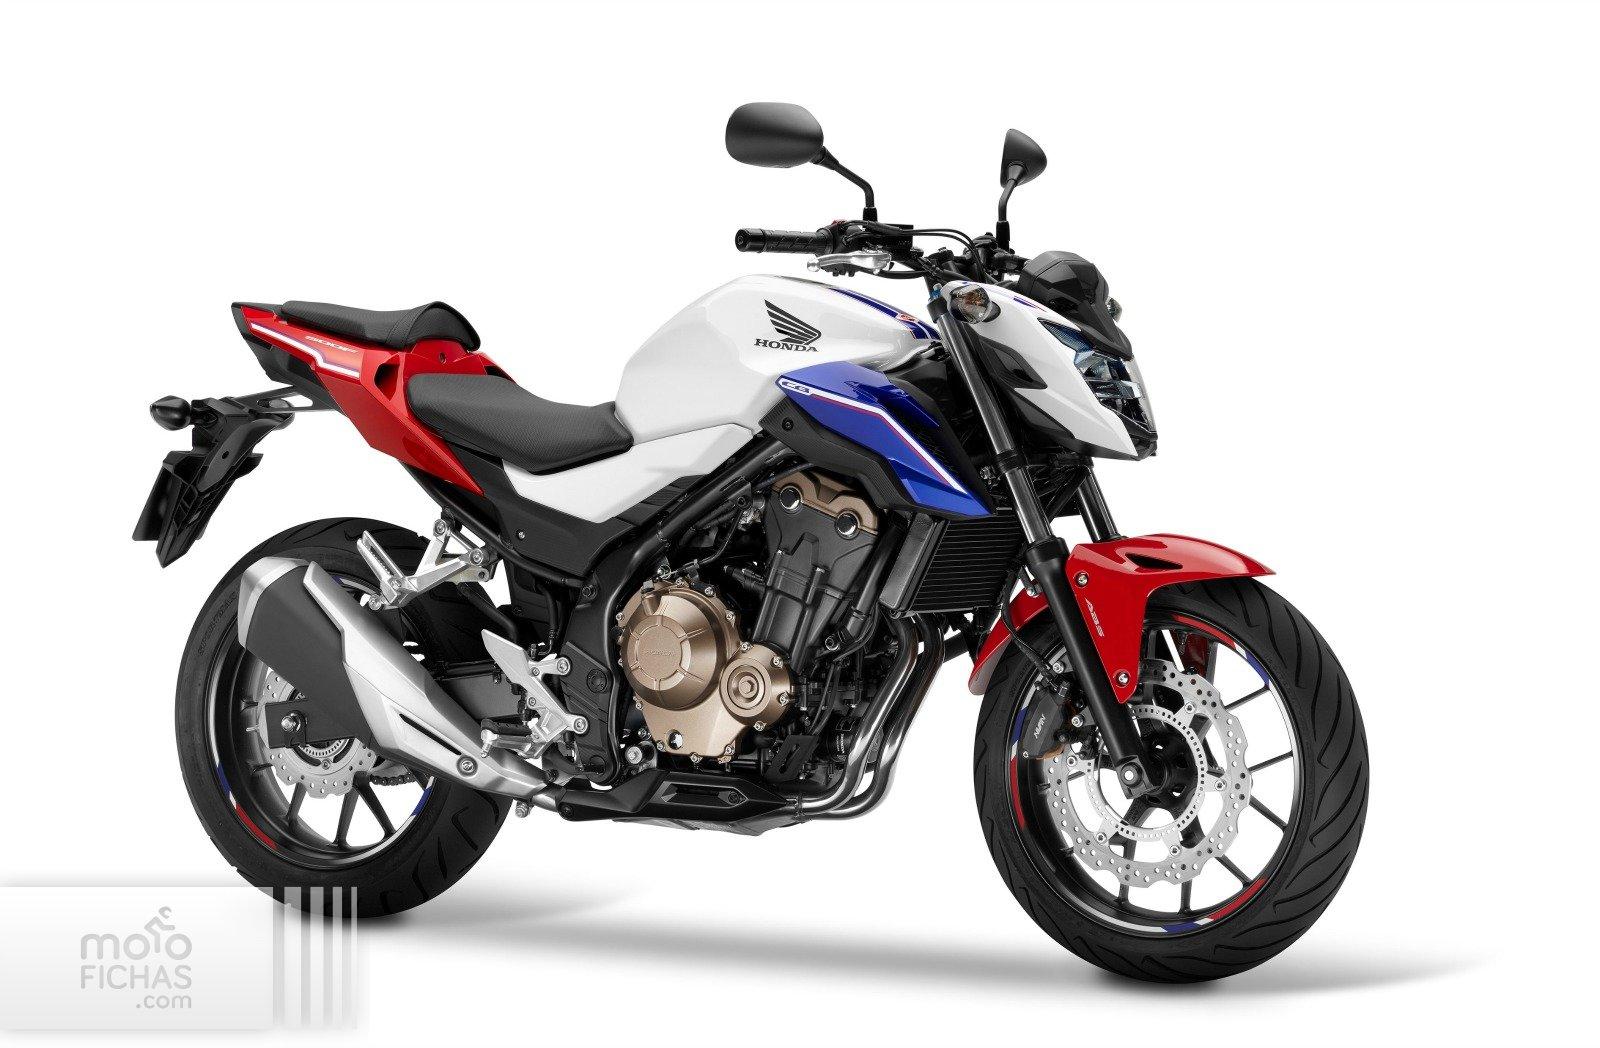 Fotos: Honda CB500F, CB500X y CB500R toda la gama se